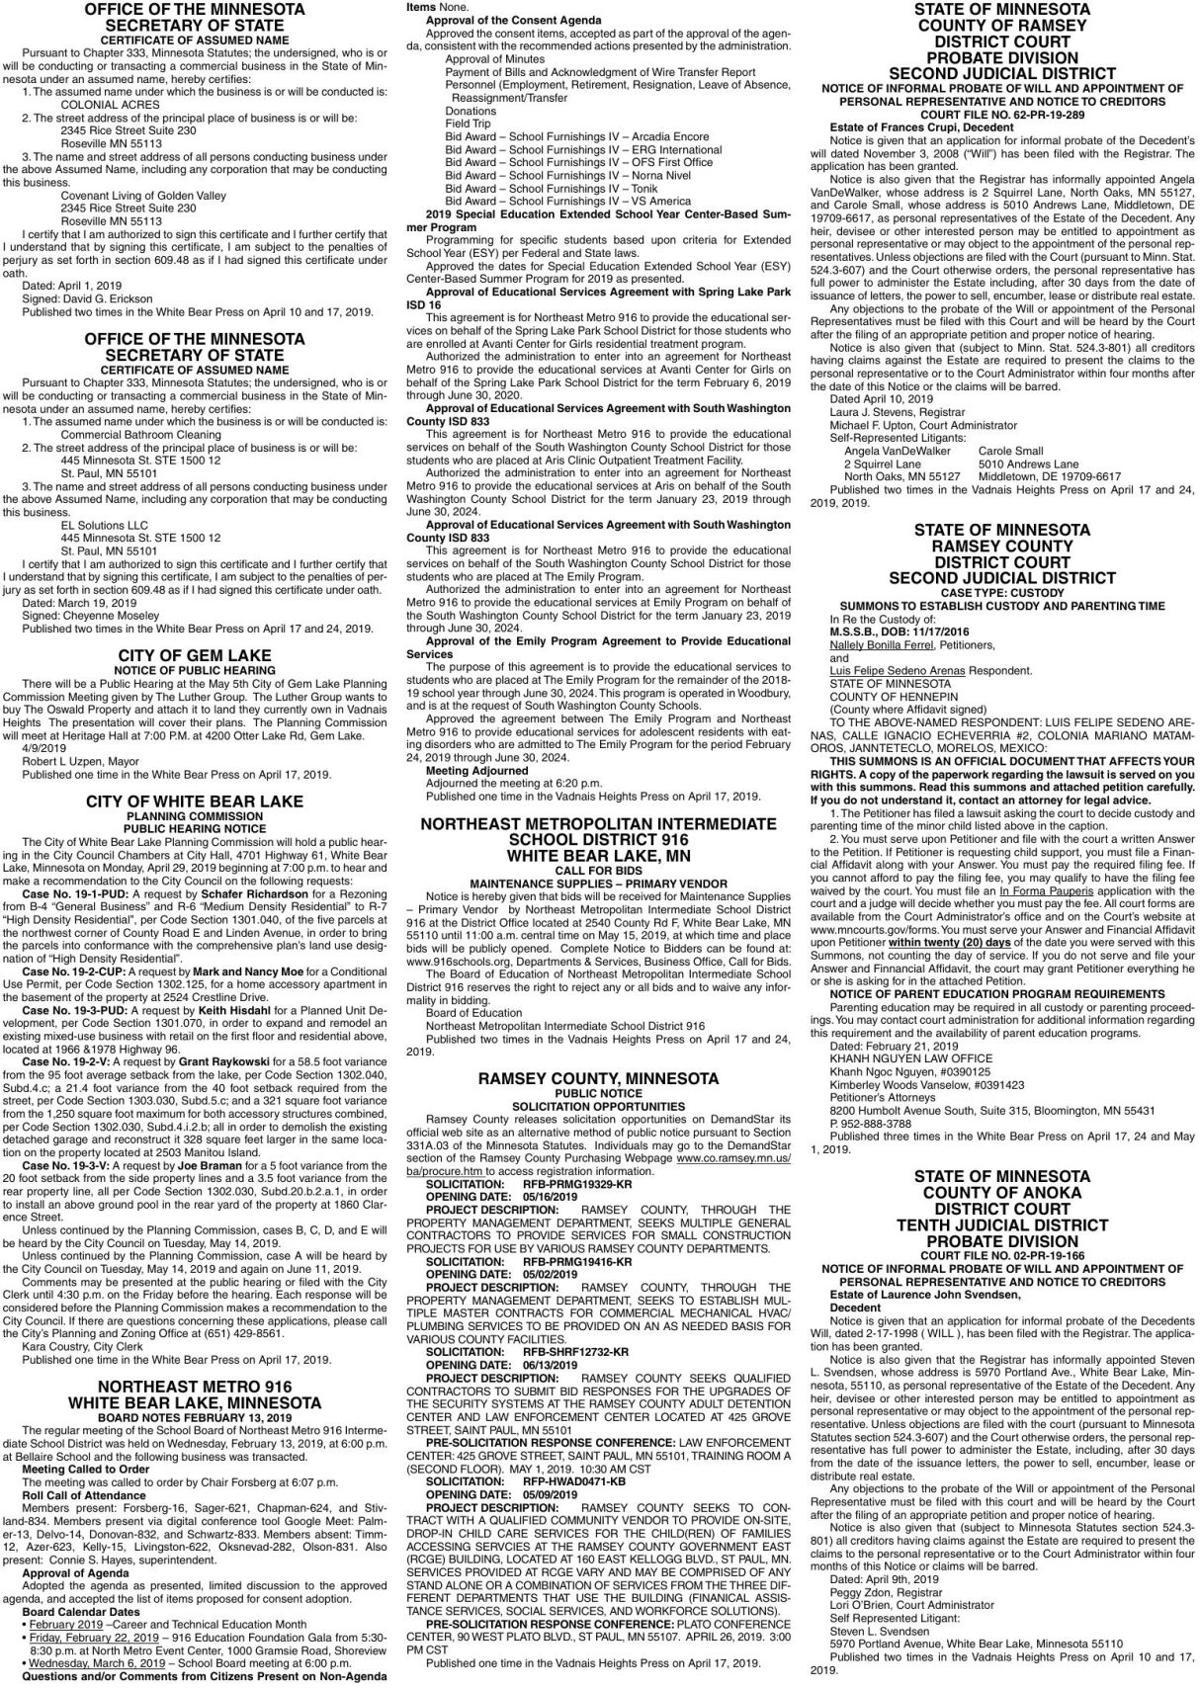 Legals WBVH 4-17-19